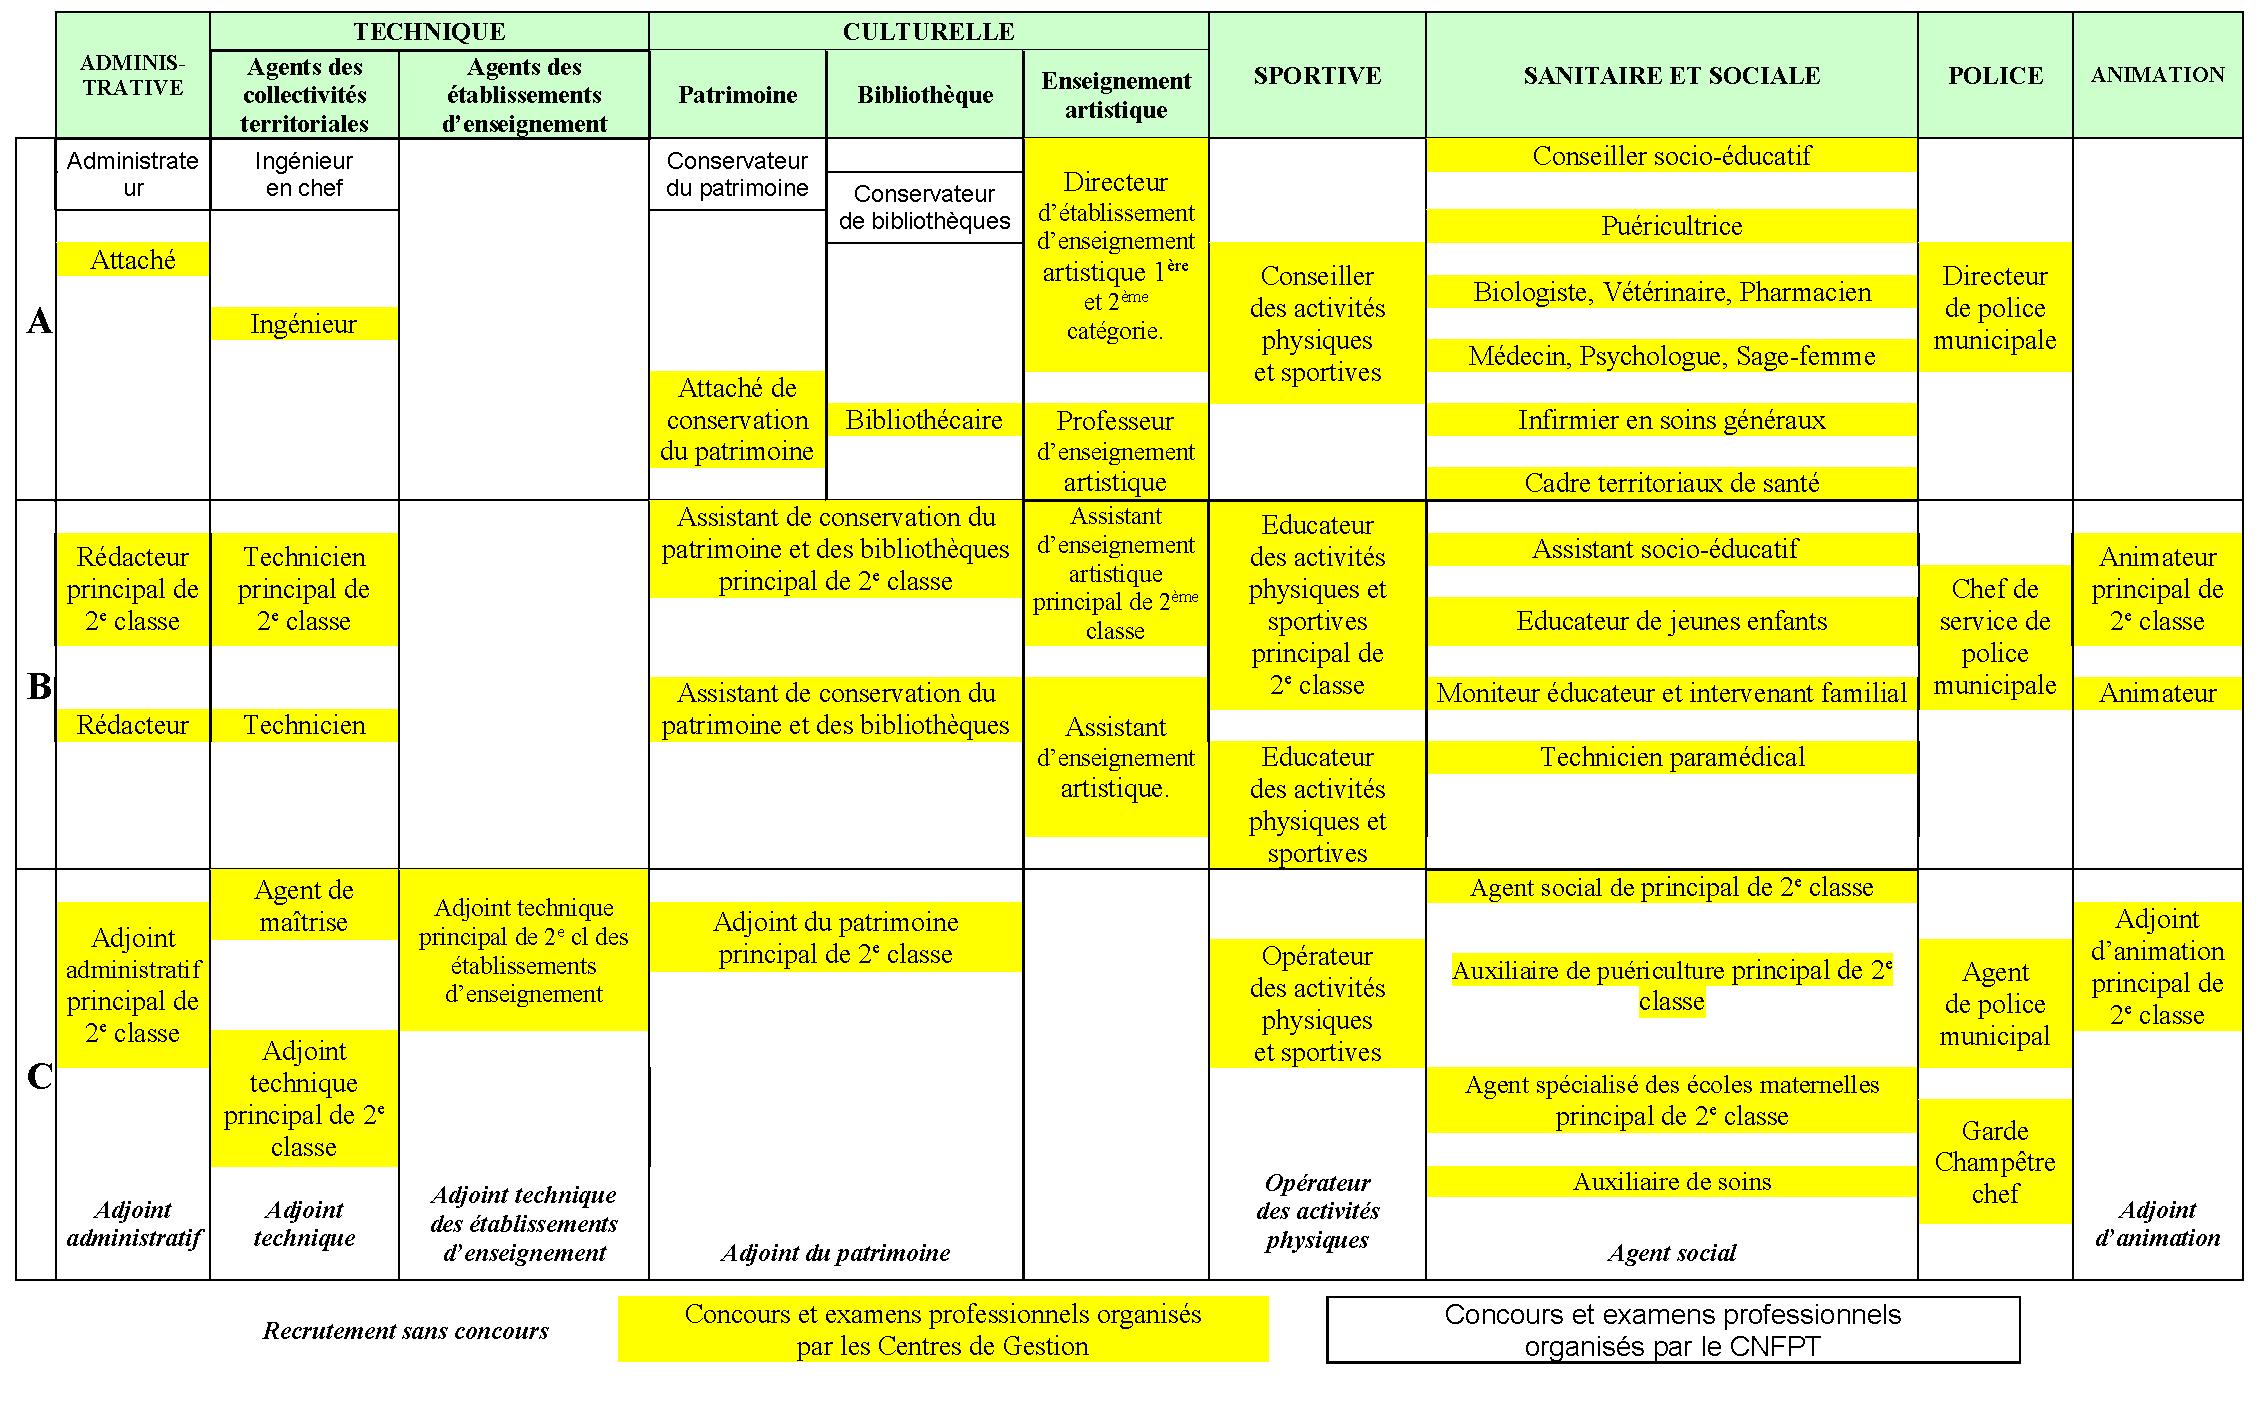 Présentation Des Filières De La Fonction Publique